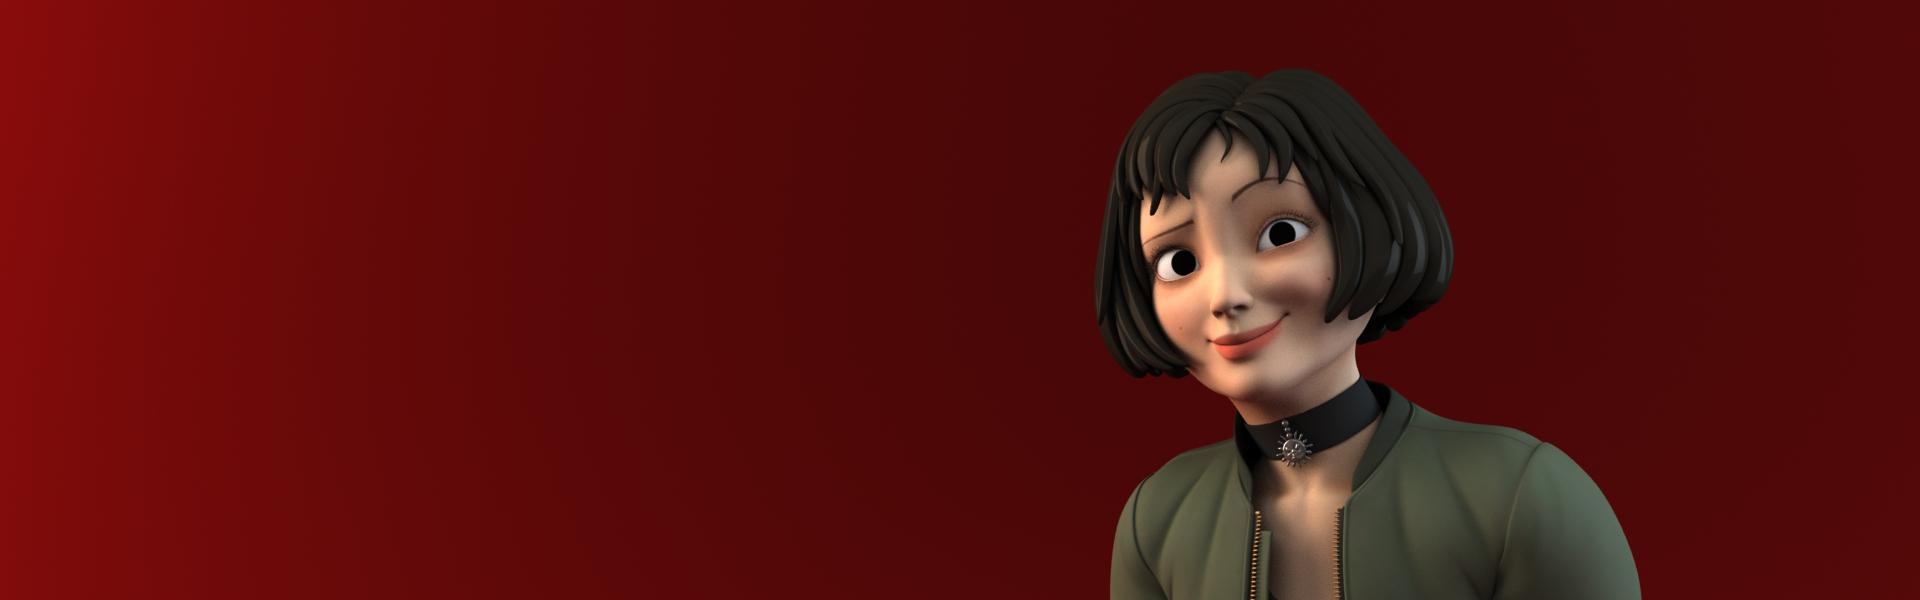 Курс - Лицевая анимация